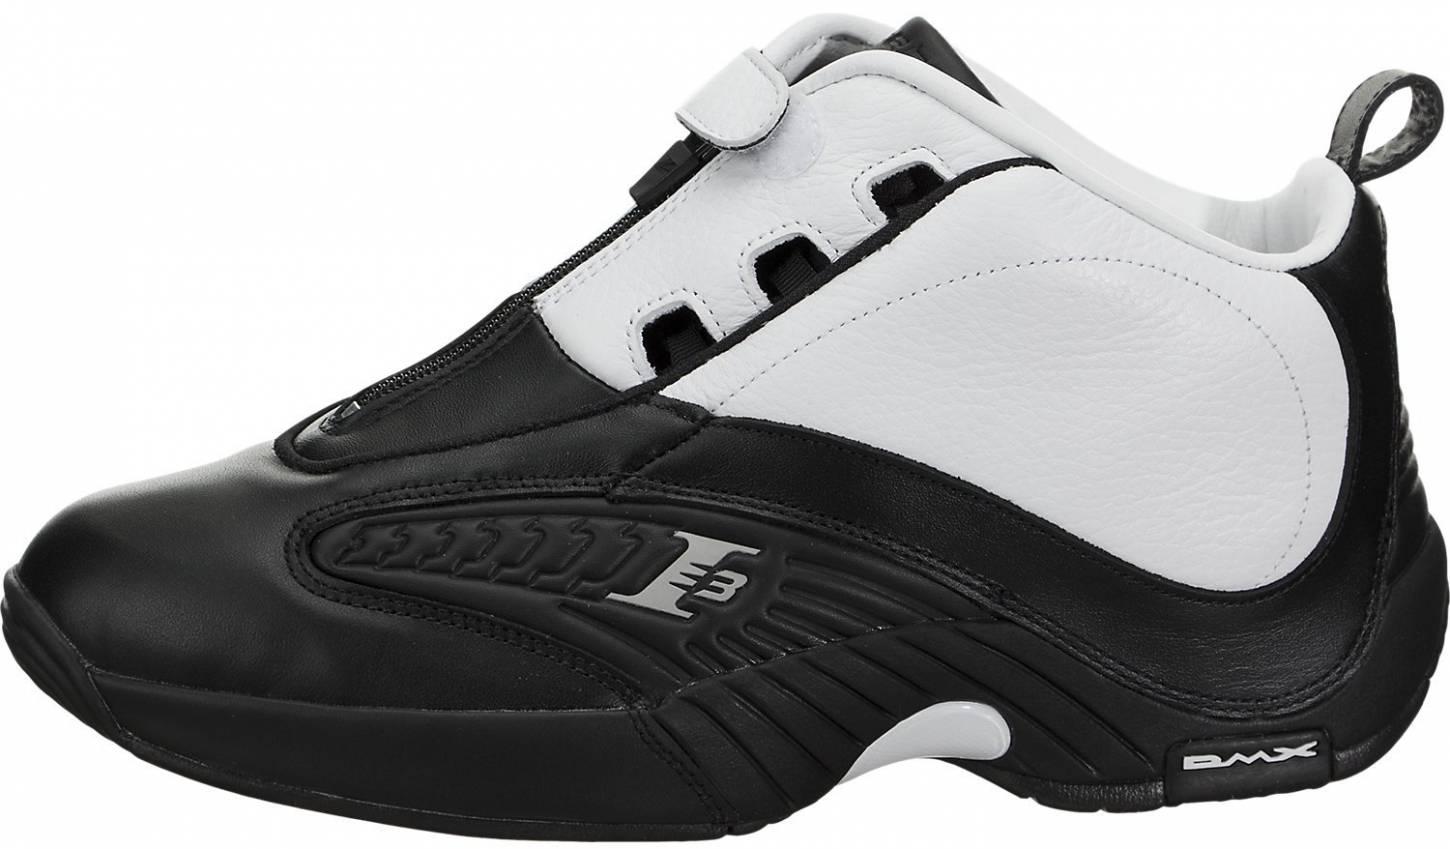 allen iverson shoes iv off 53% - www